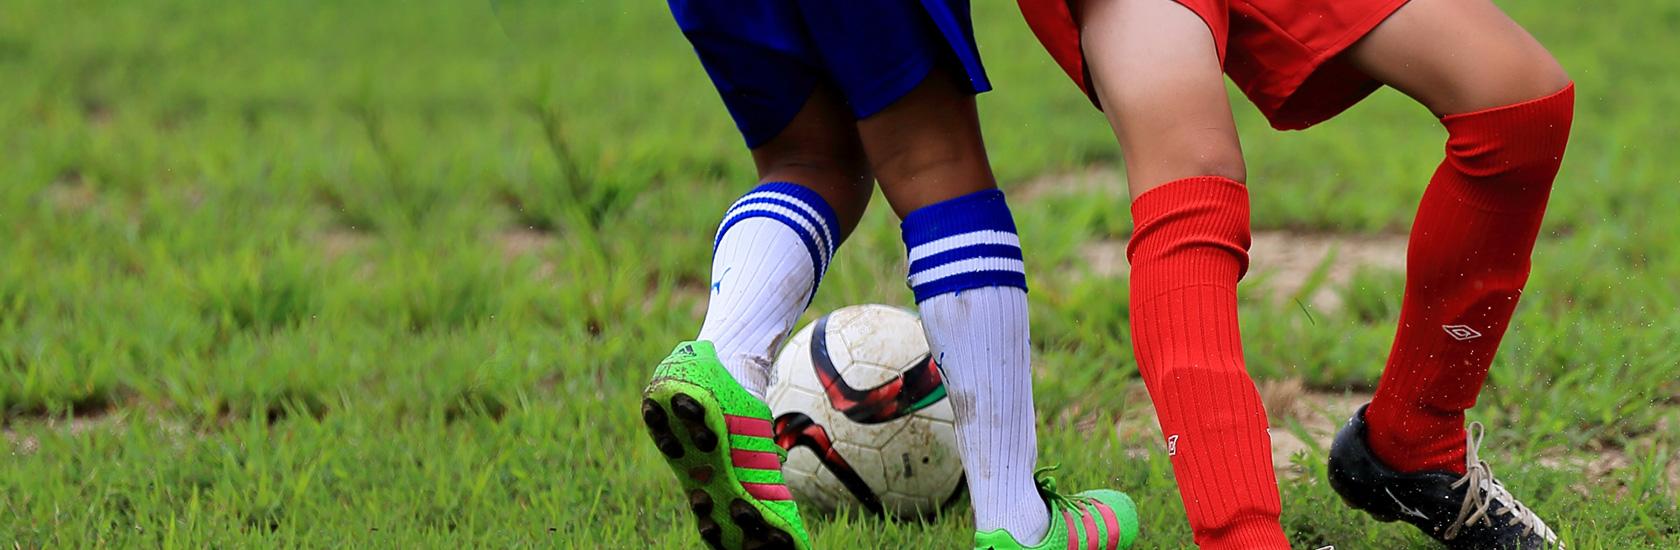 スポーツ障害、スポーツ外傷でお悩みの方必見